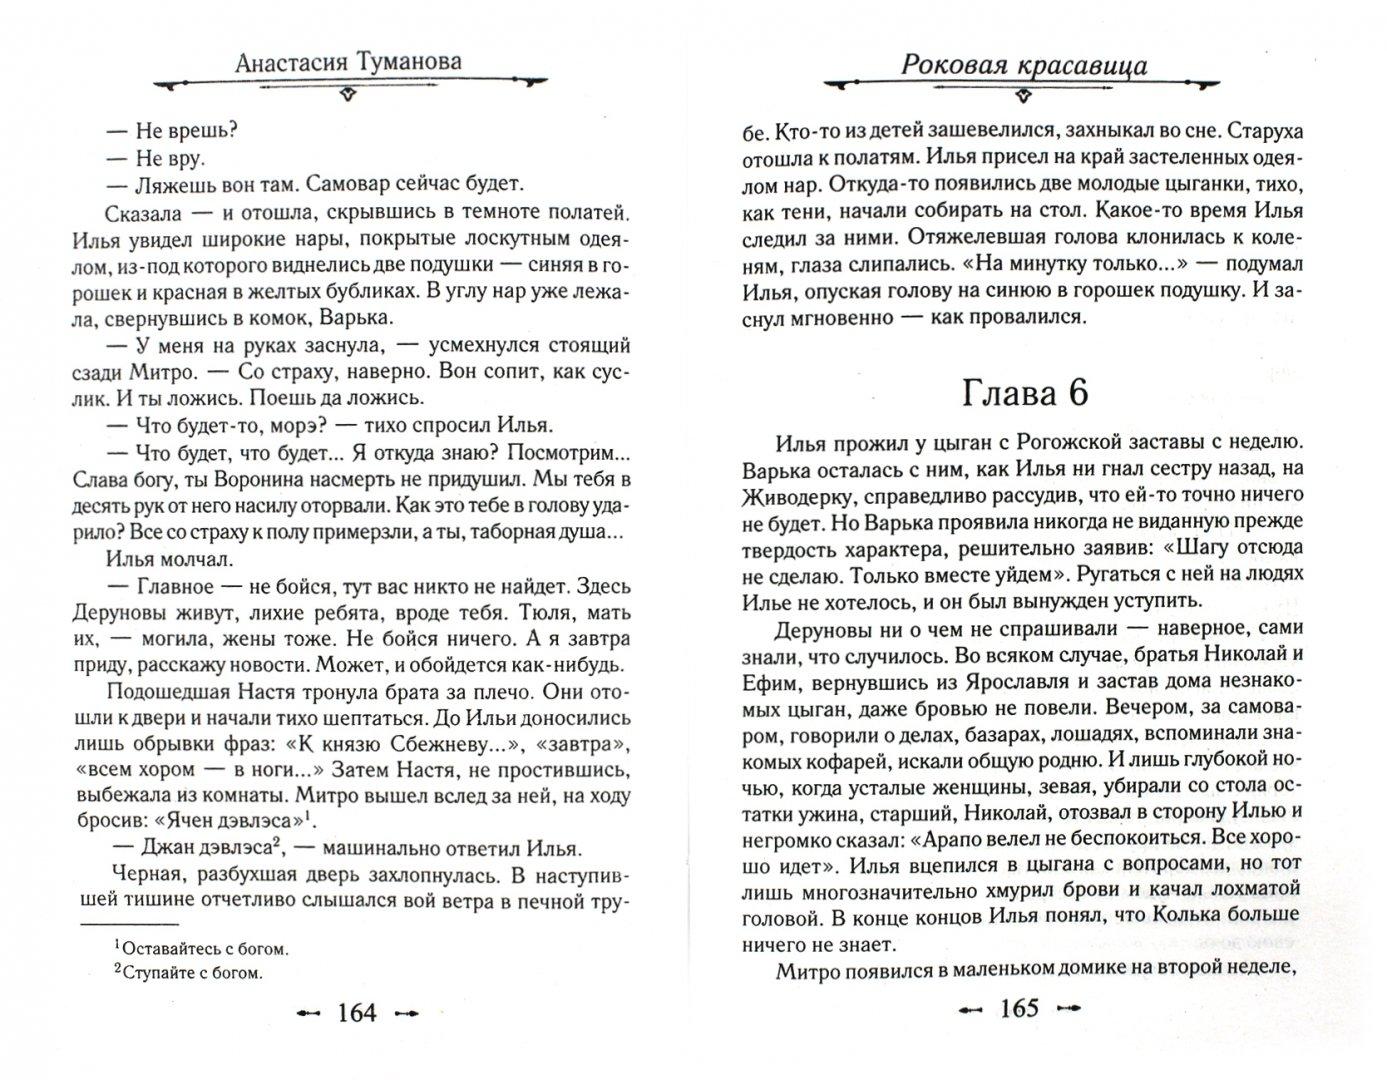 Иллюстрация 1 из 7 для Роковая красавица - Анастасия Туманова | Лабиринт - книги. Источник: Лабиринт